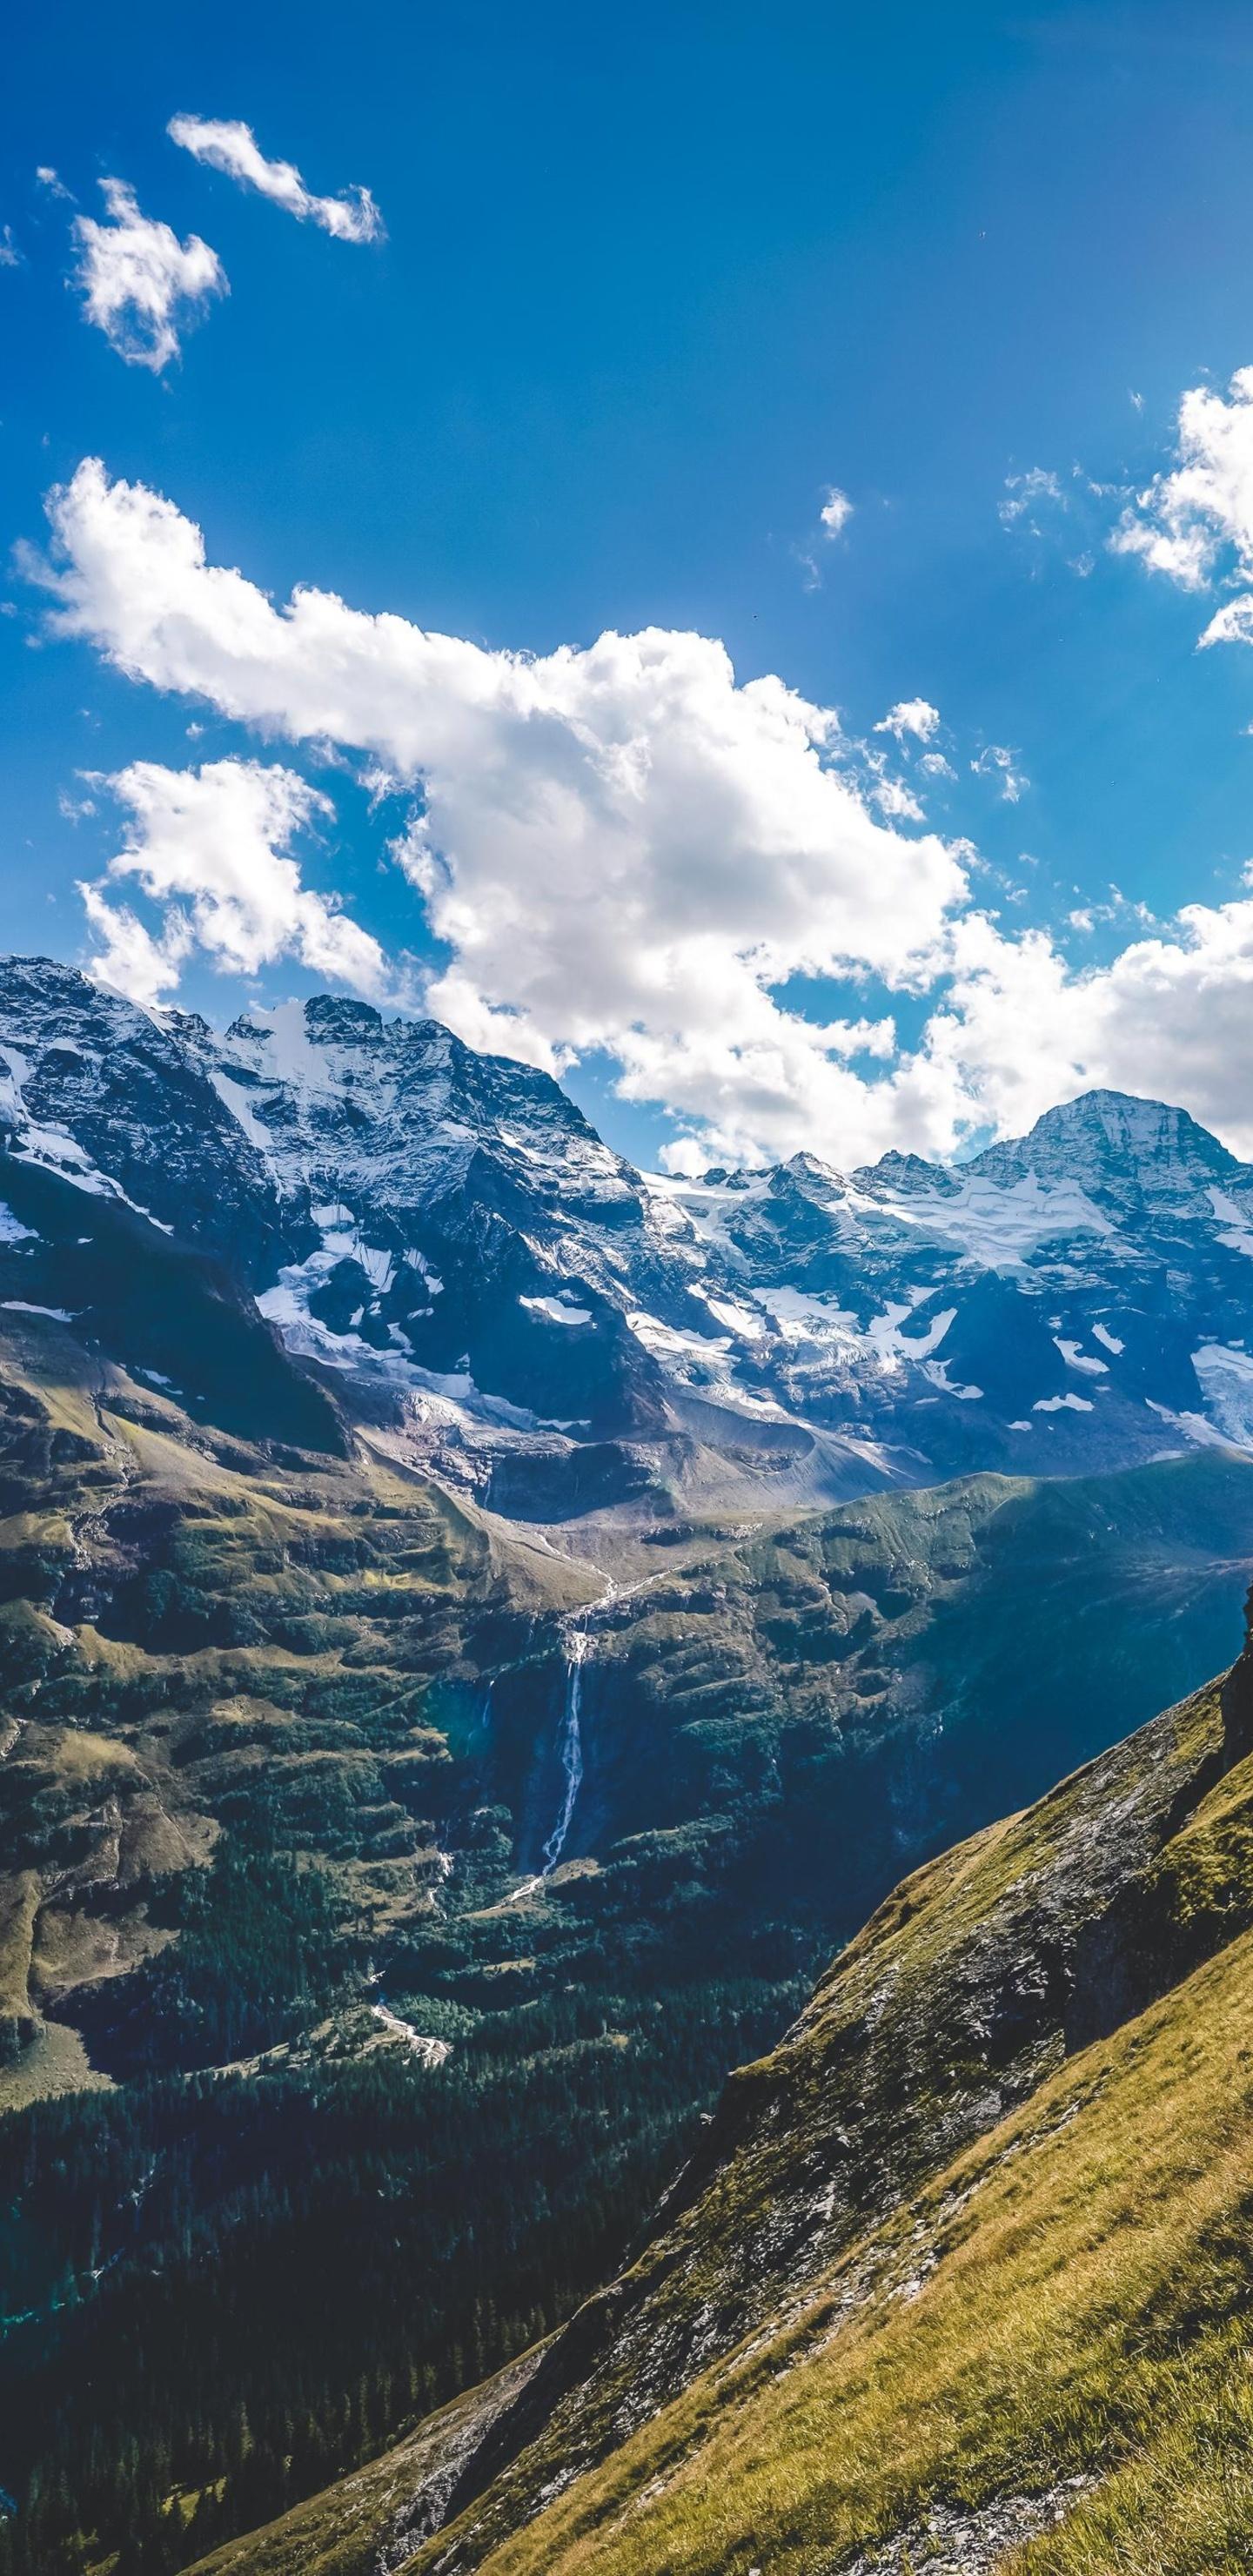 bernese-alps-4k-6j.jpg